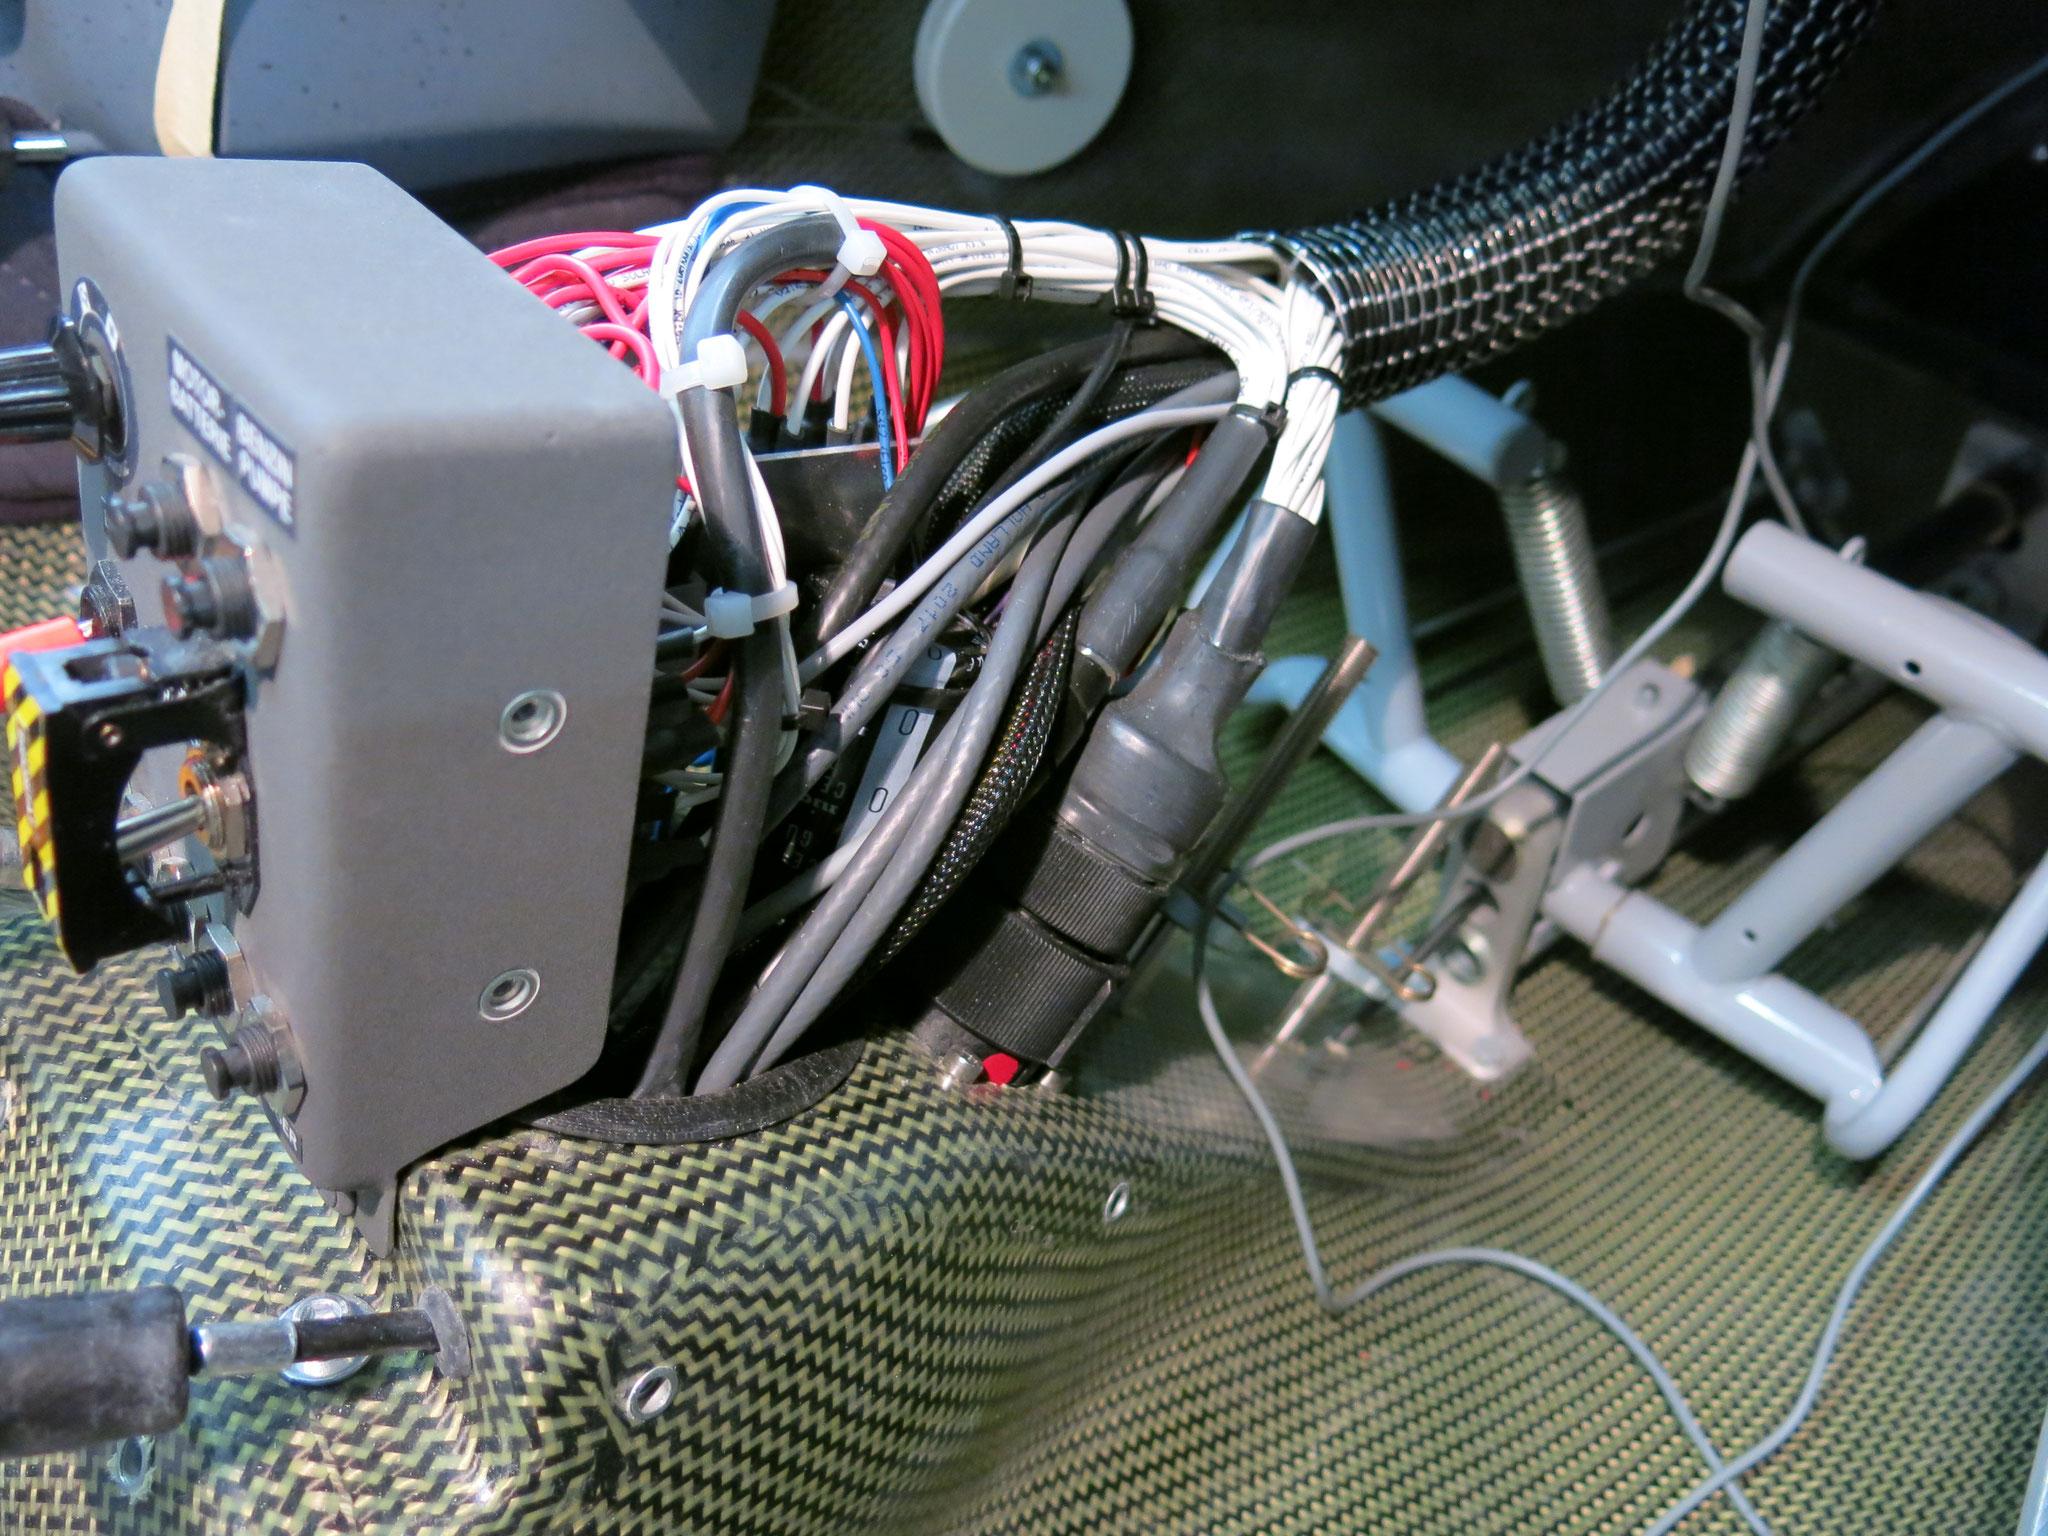 mit viel Geduld konnten wir noch zusätzliche Kabel in den Sammelschlauch einziehen